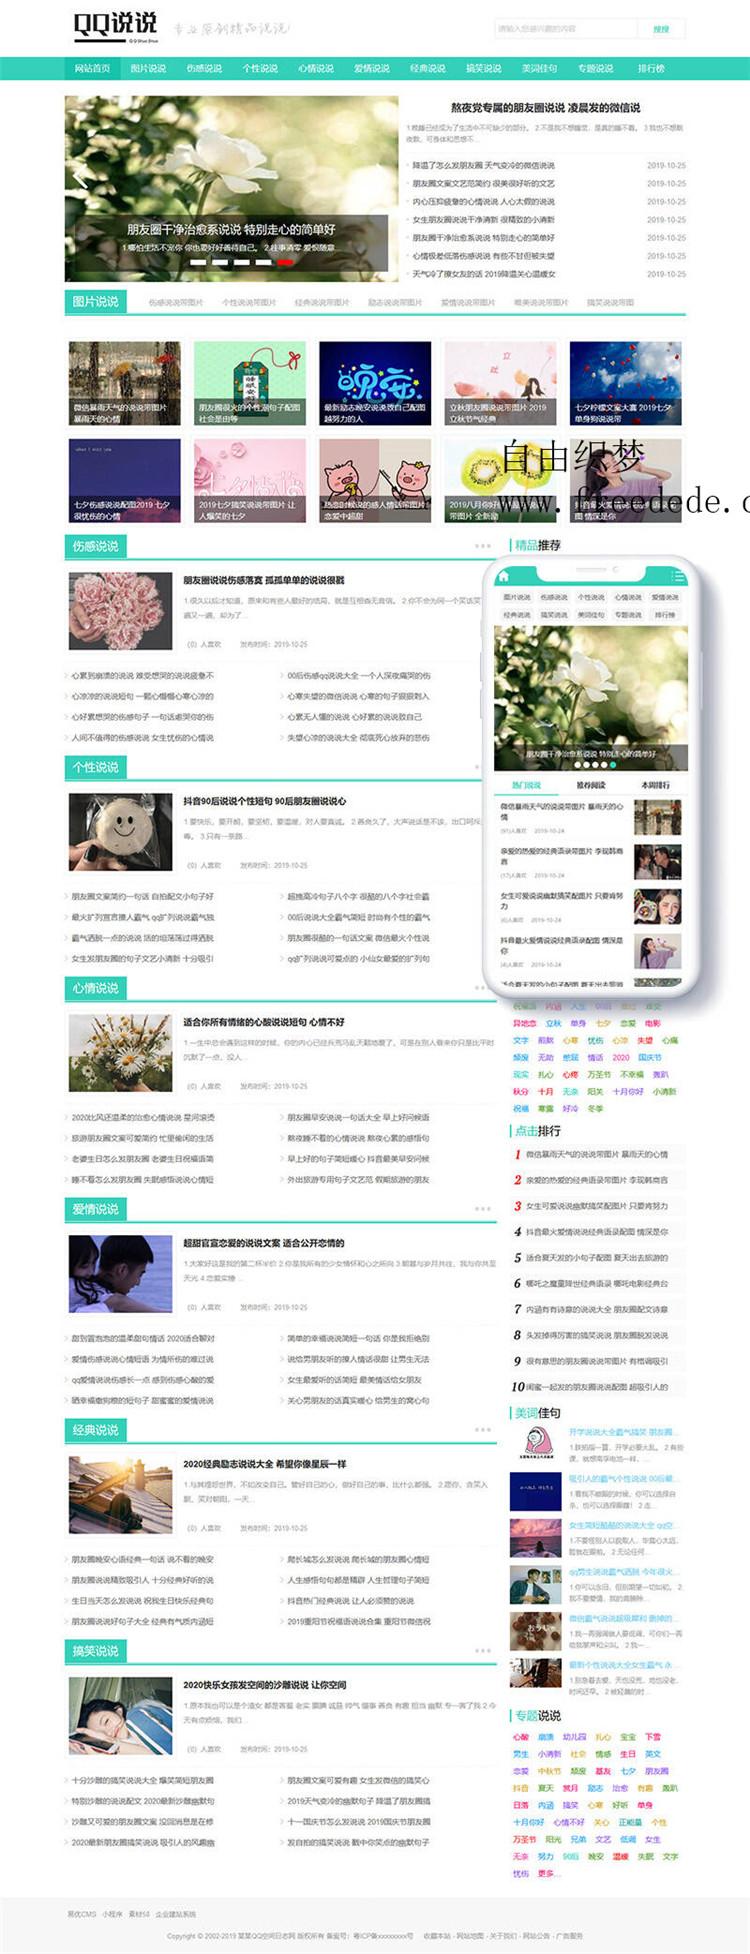 爱上源码网文章dedecms模板下载 QQ空间日志说说类网站织梦模板(带手机端)的内容插图